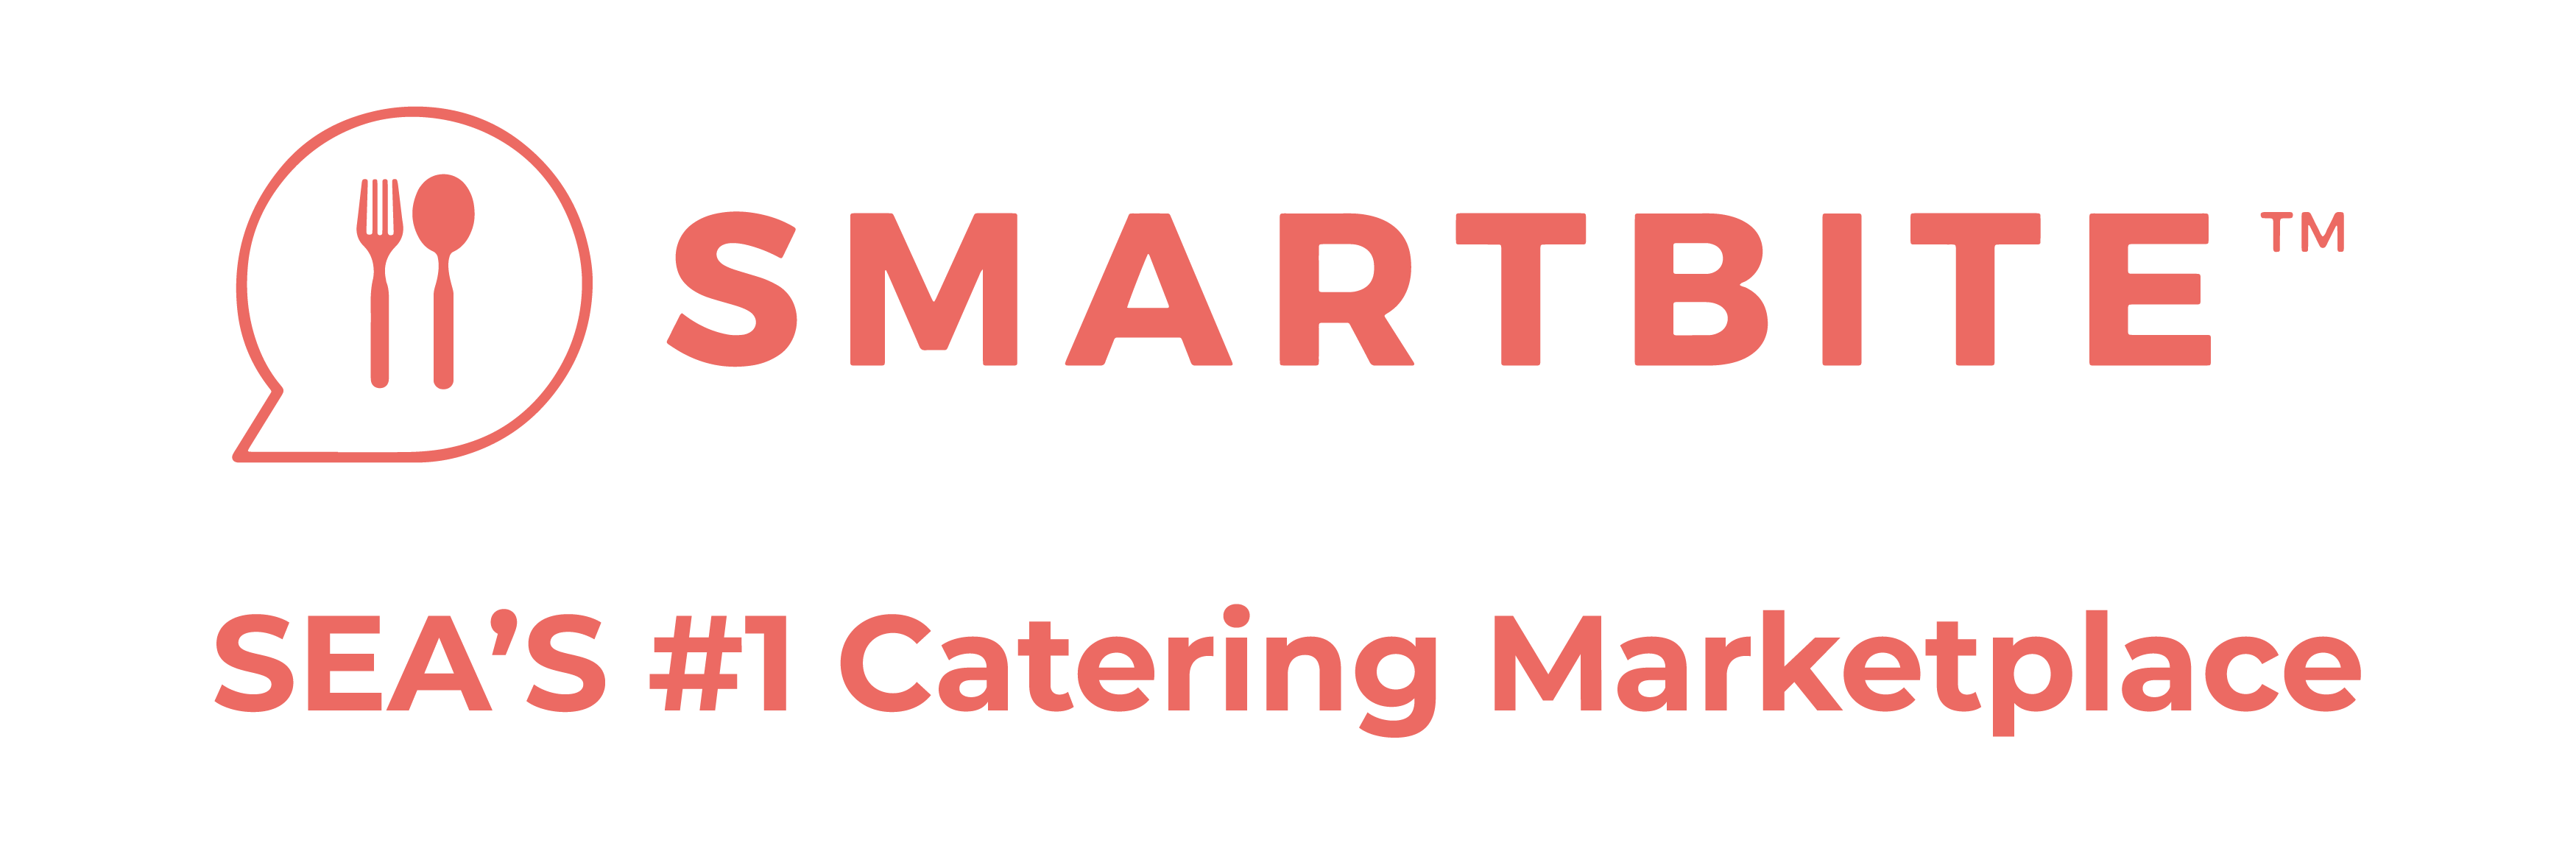 SmartBite_Logo_Slogan_2021_2-03